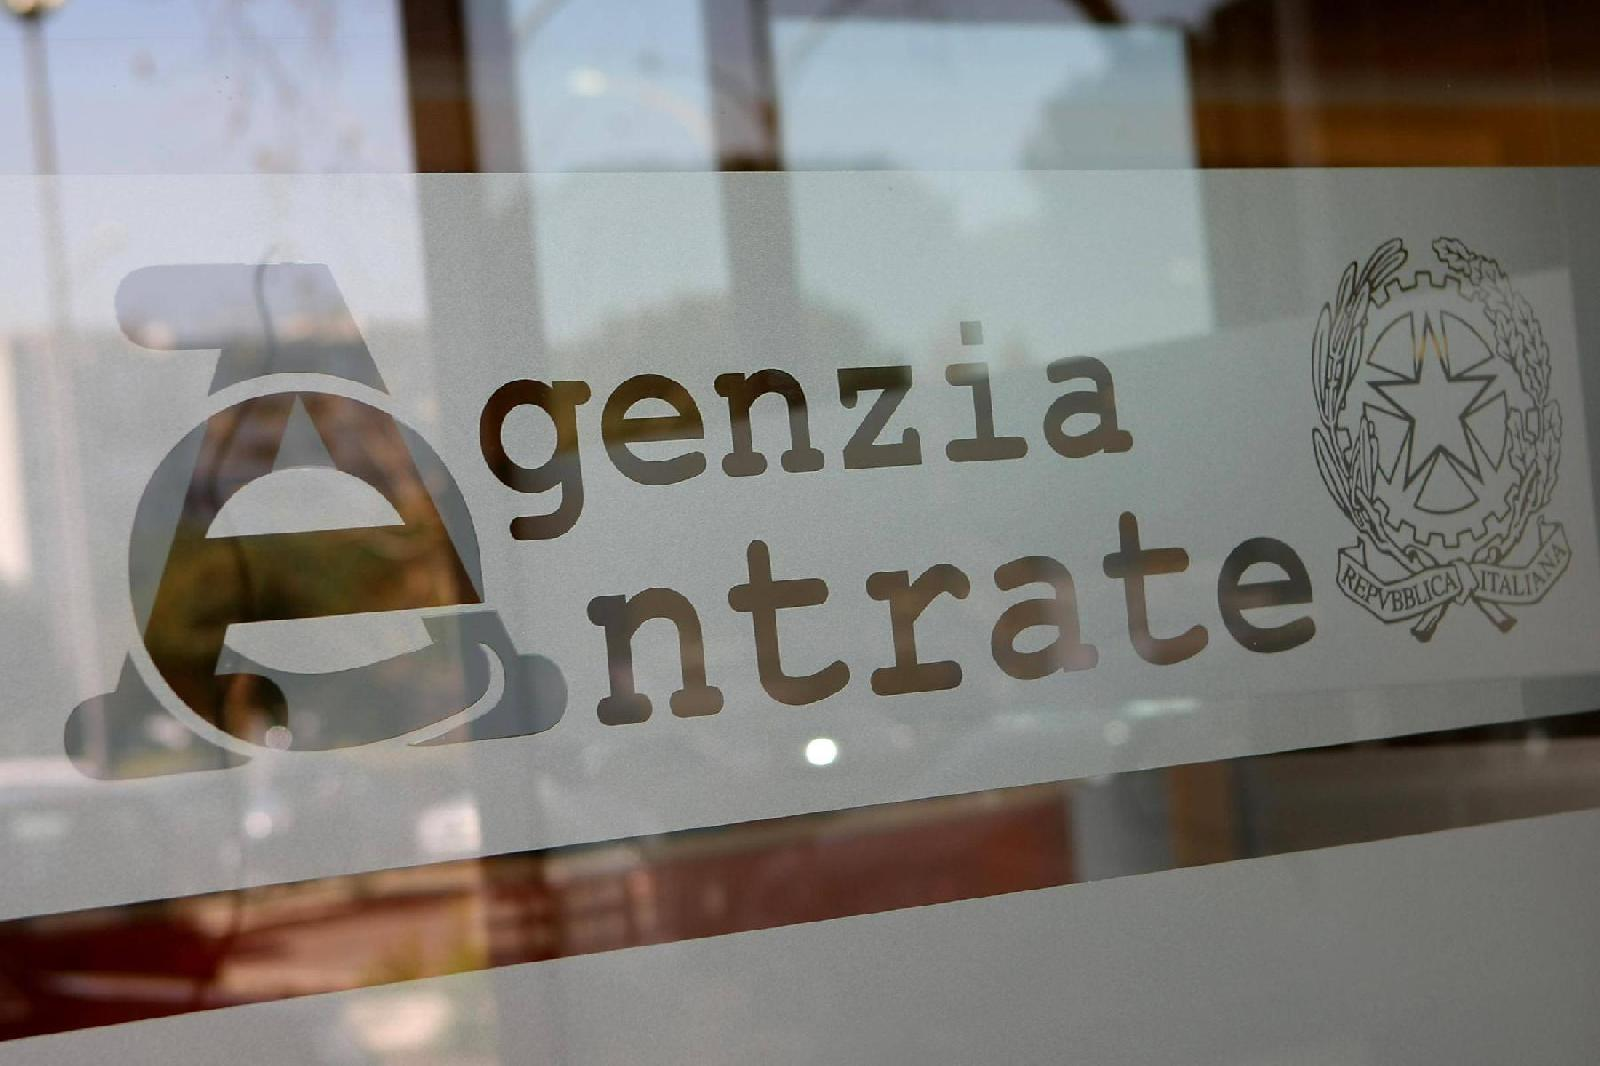 Corruzione all'Agenzia delle Entrate, 12 impiegati in manette